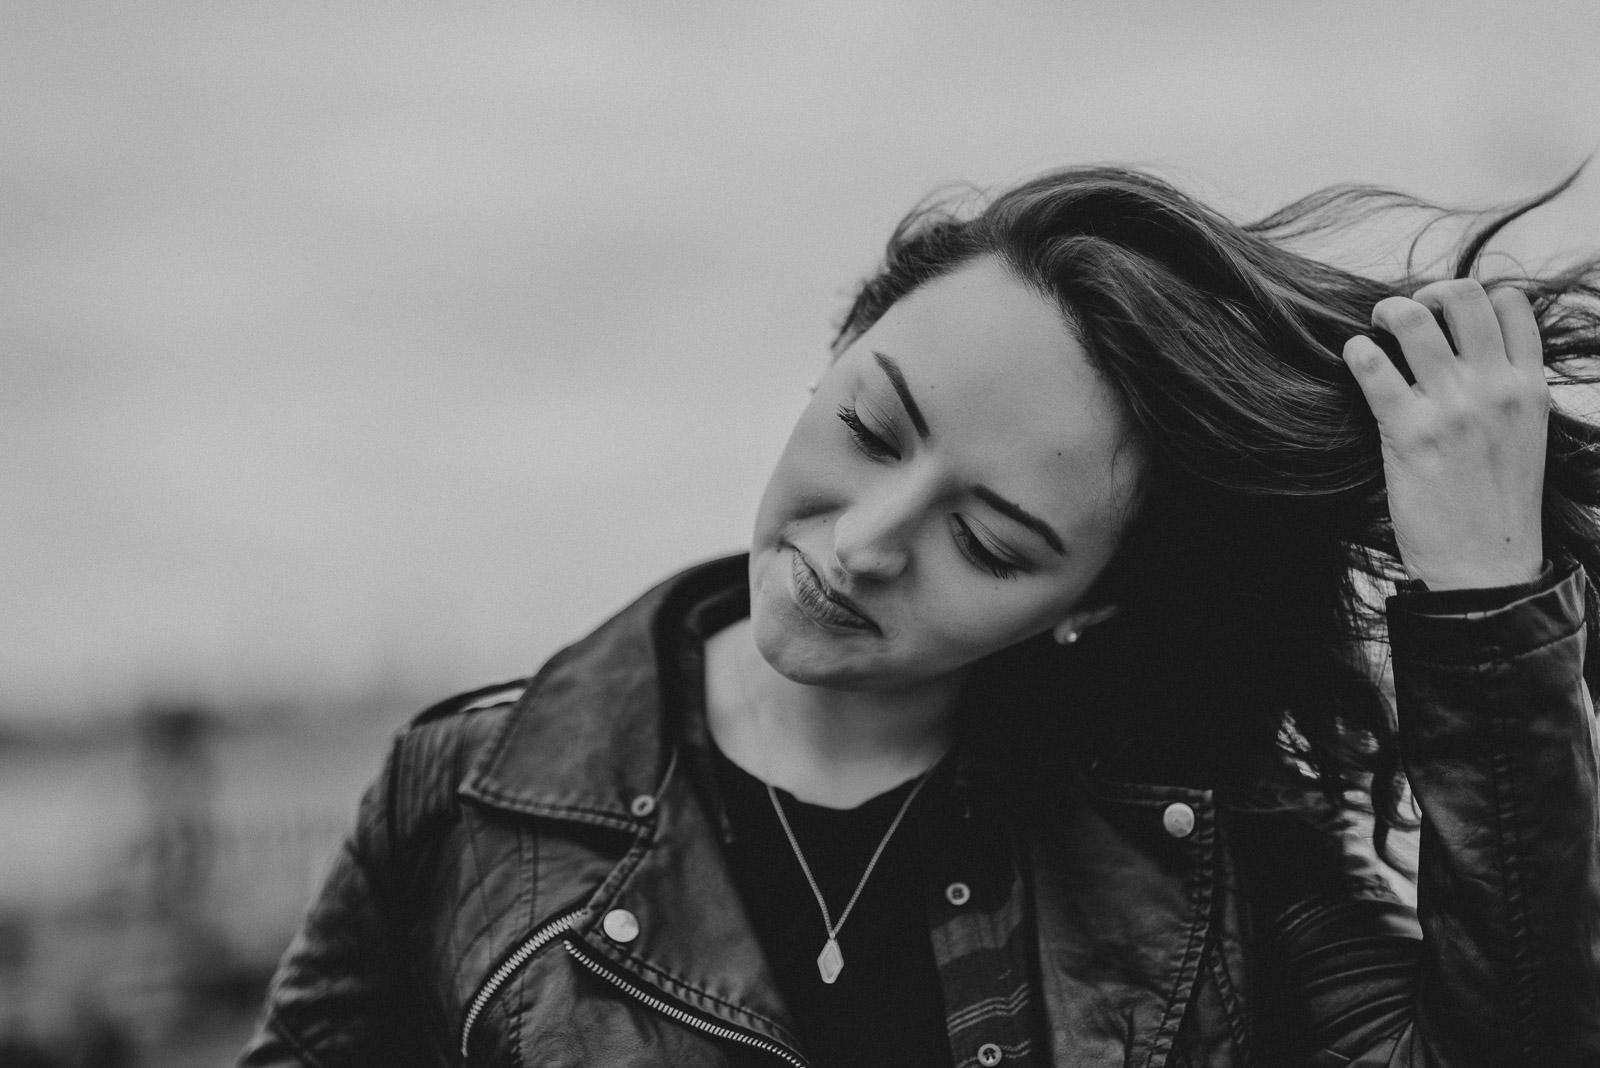 Jasmine_Price_Portraits (13 of 26).JPG